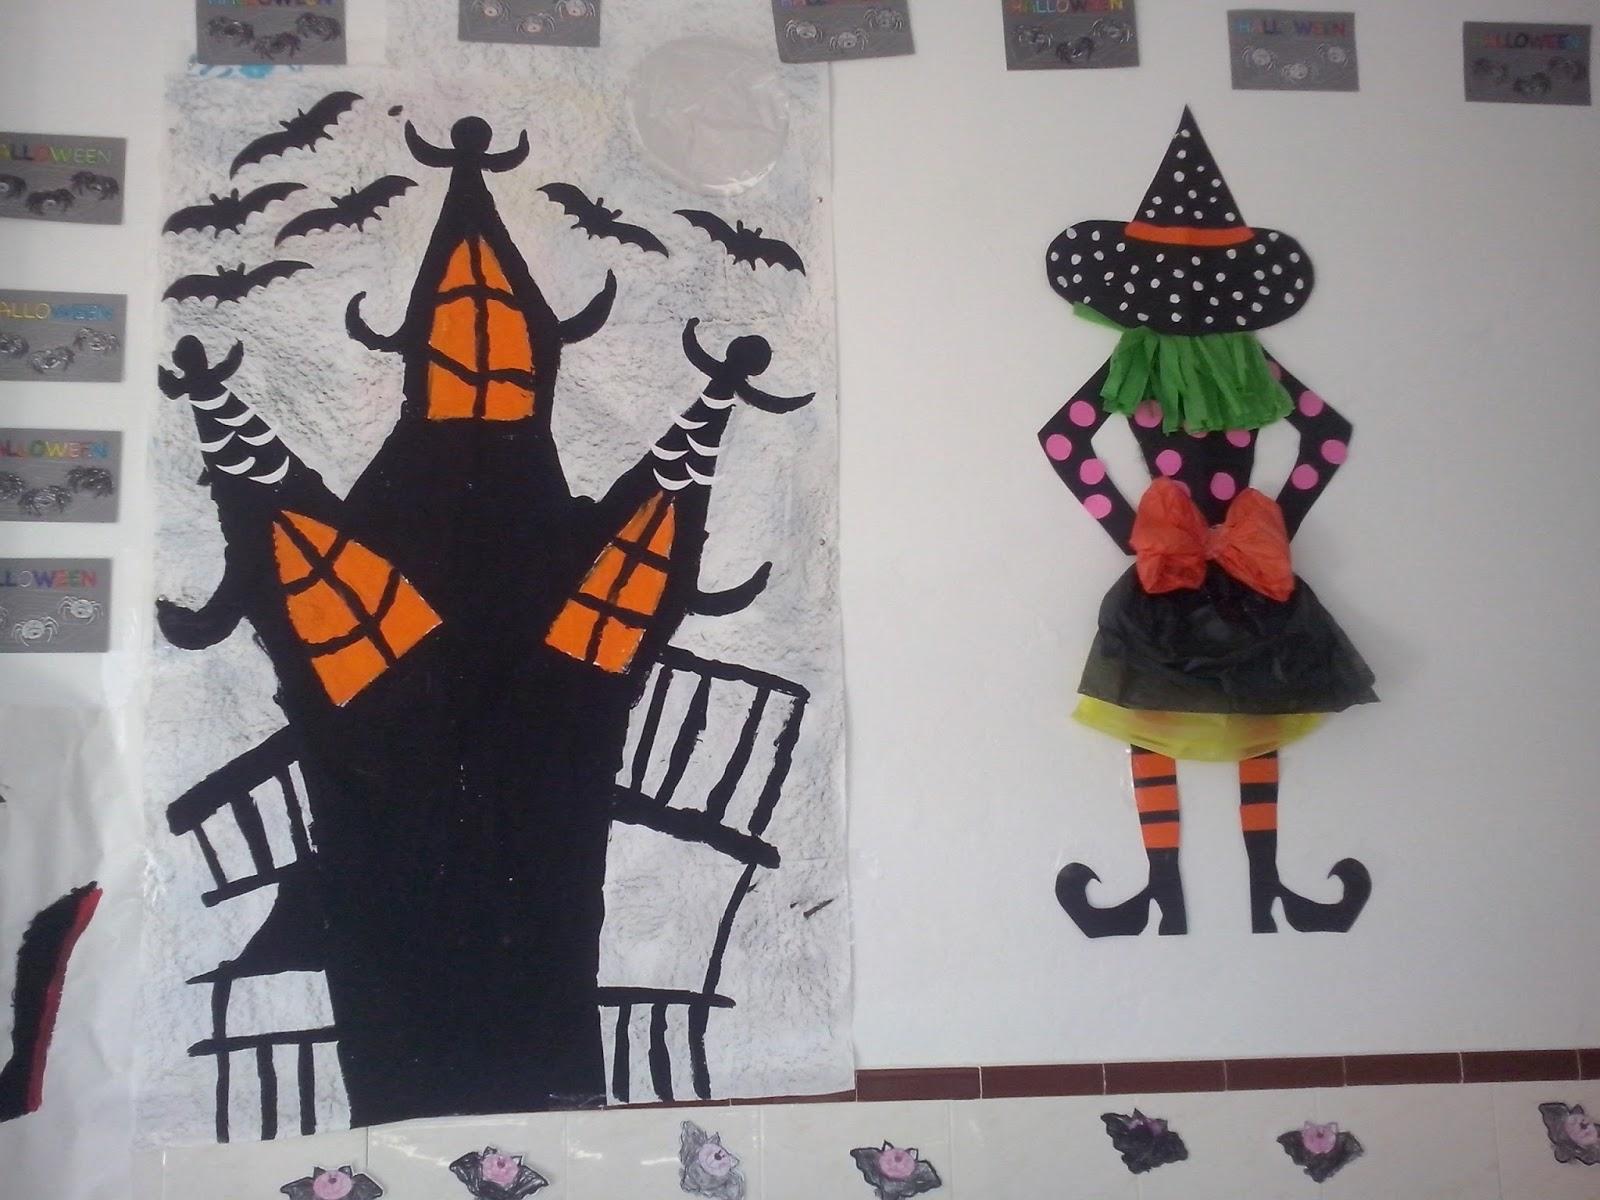 Increble Decoracin Halloween Infantil Patrn Ideas de Decoracin